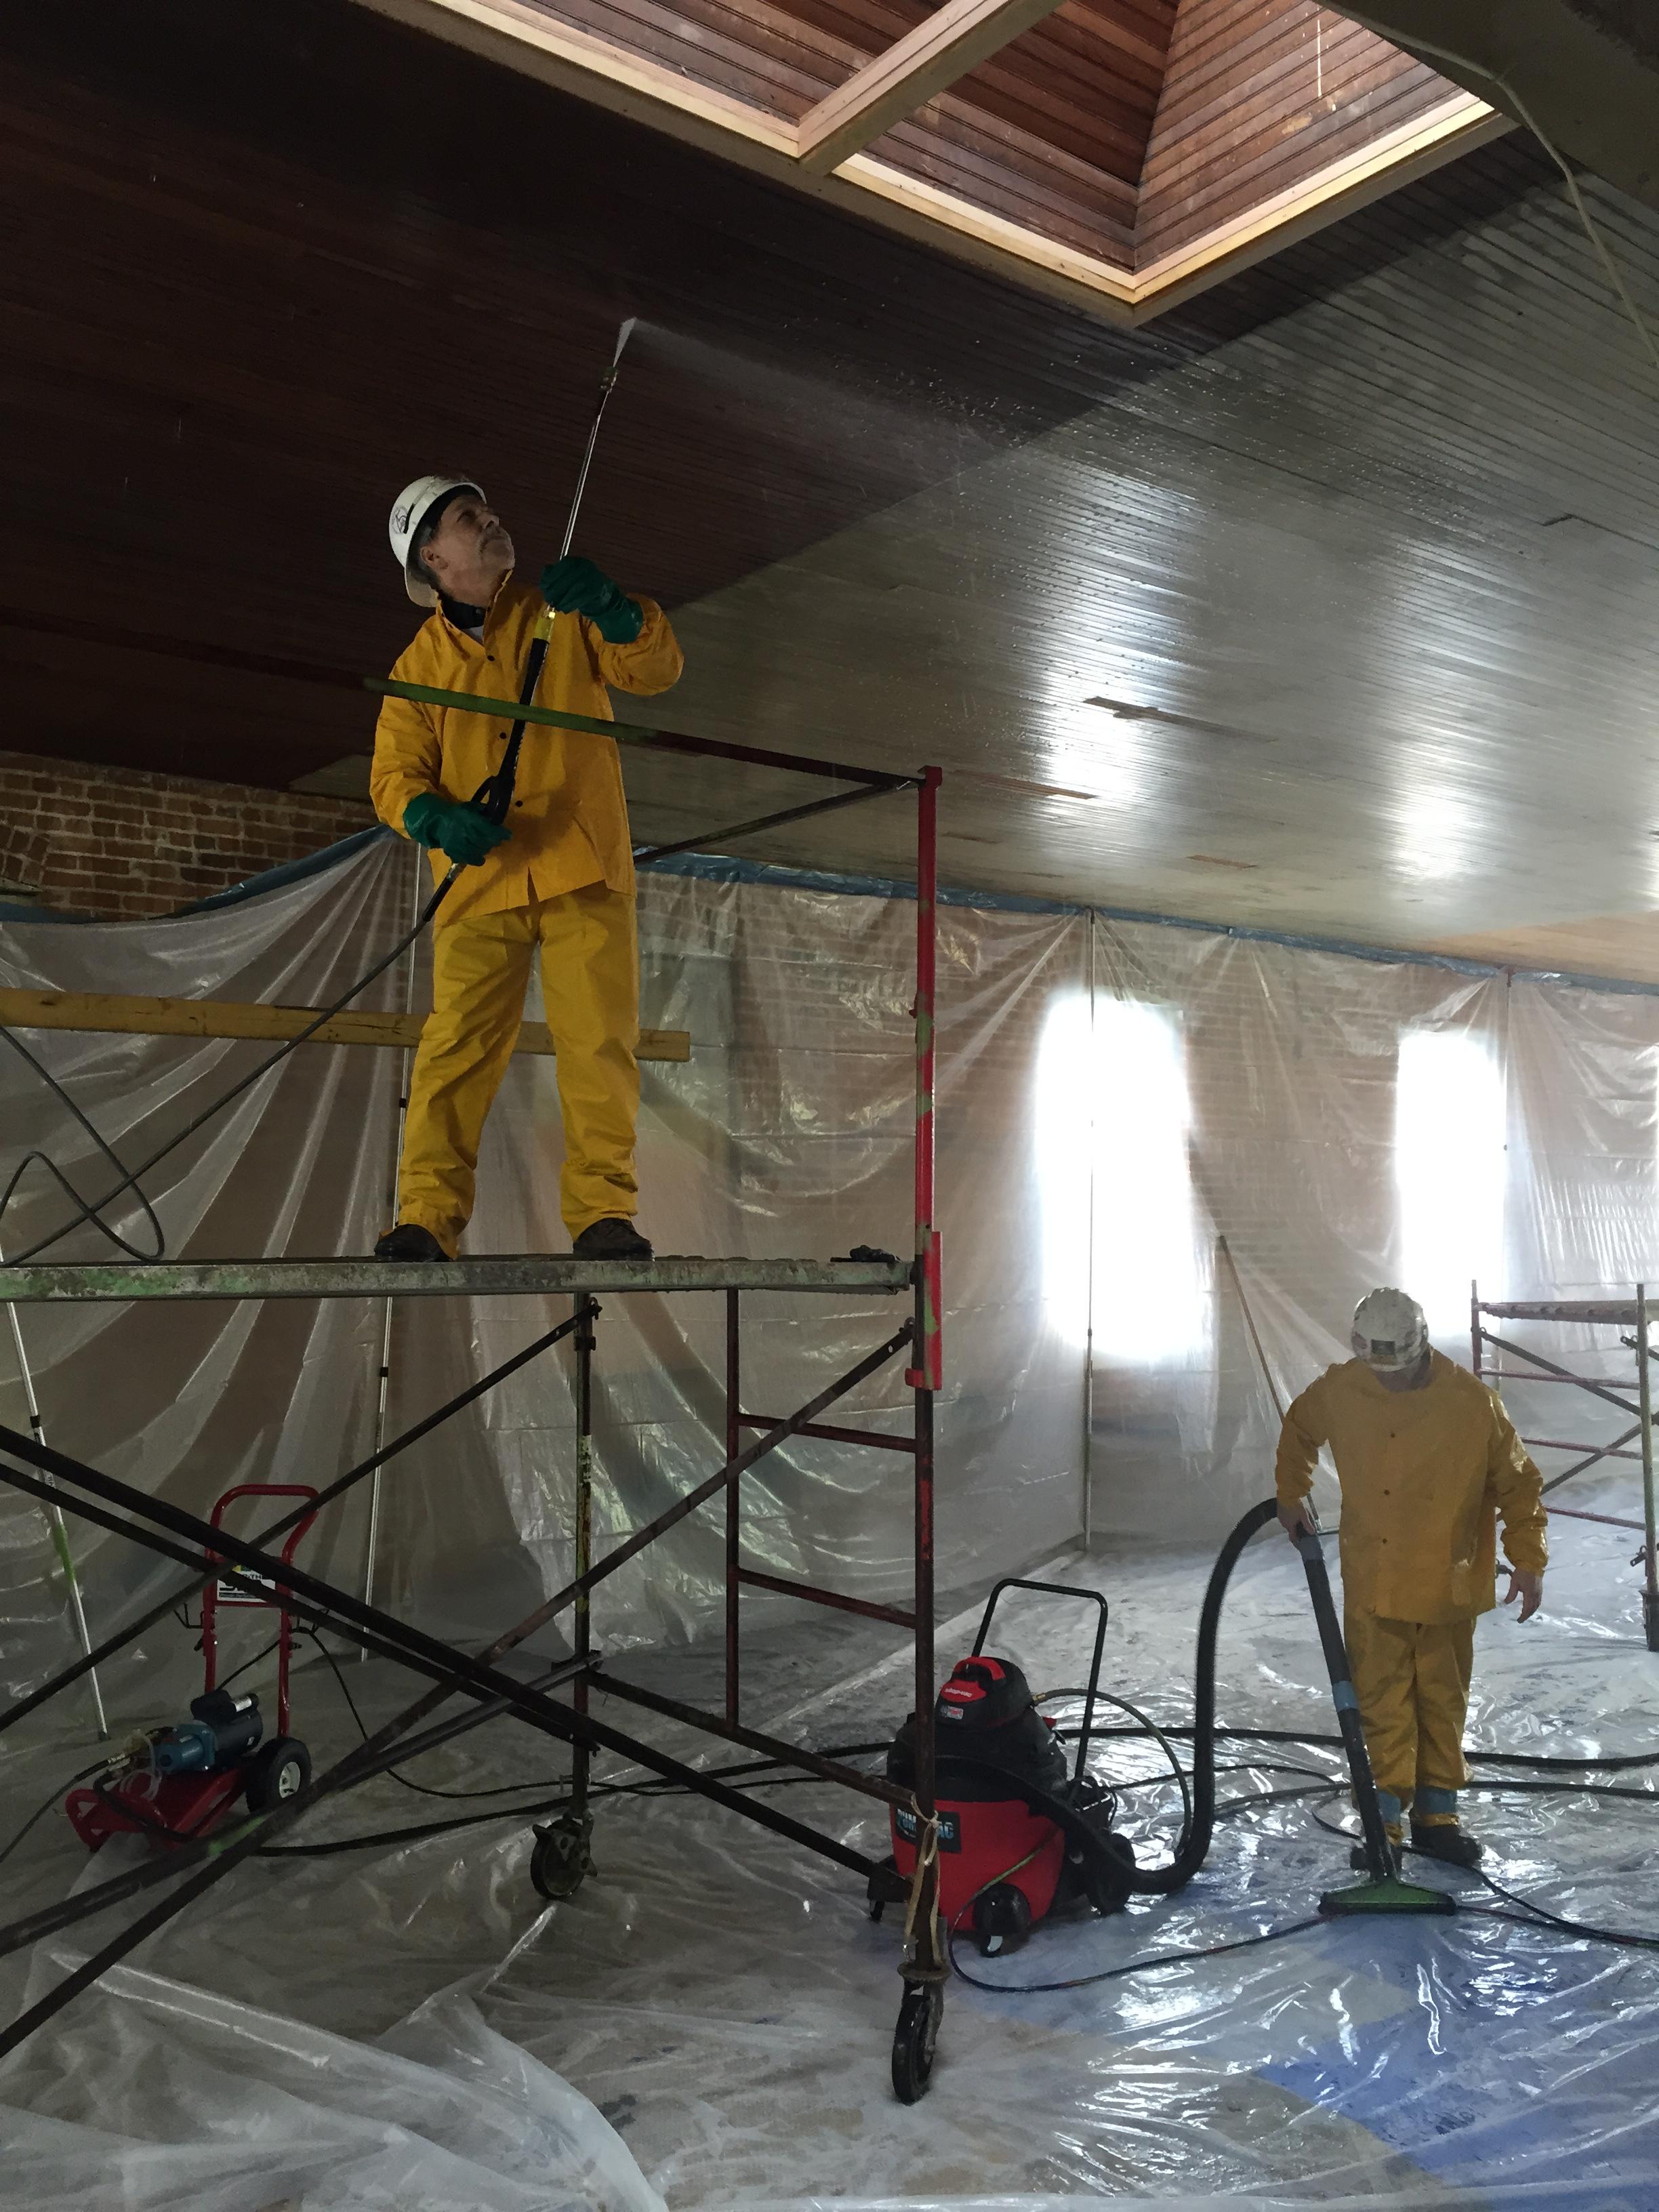 Some of the restoration efforts underway.